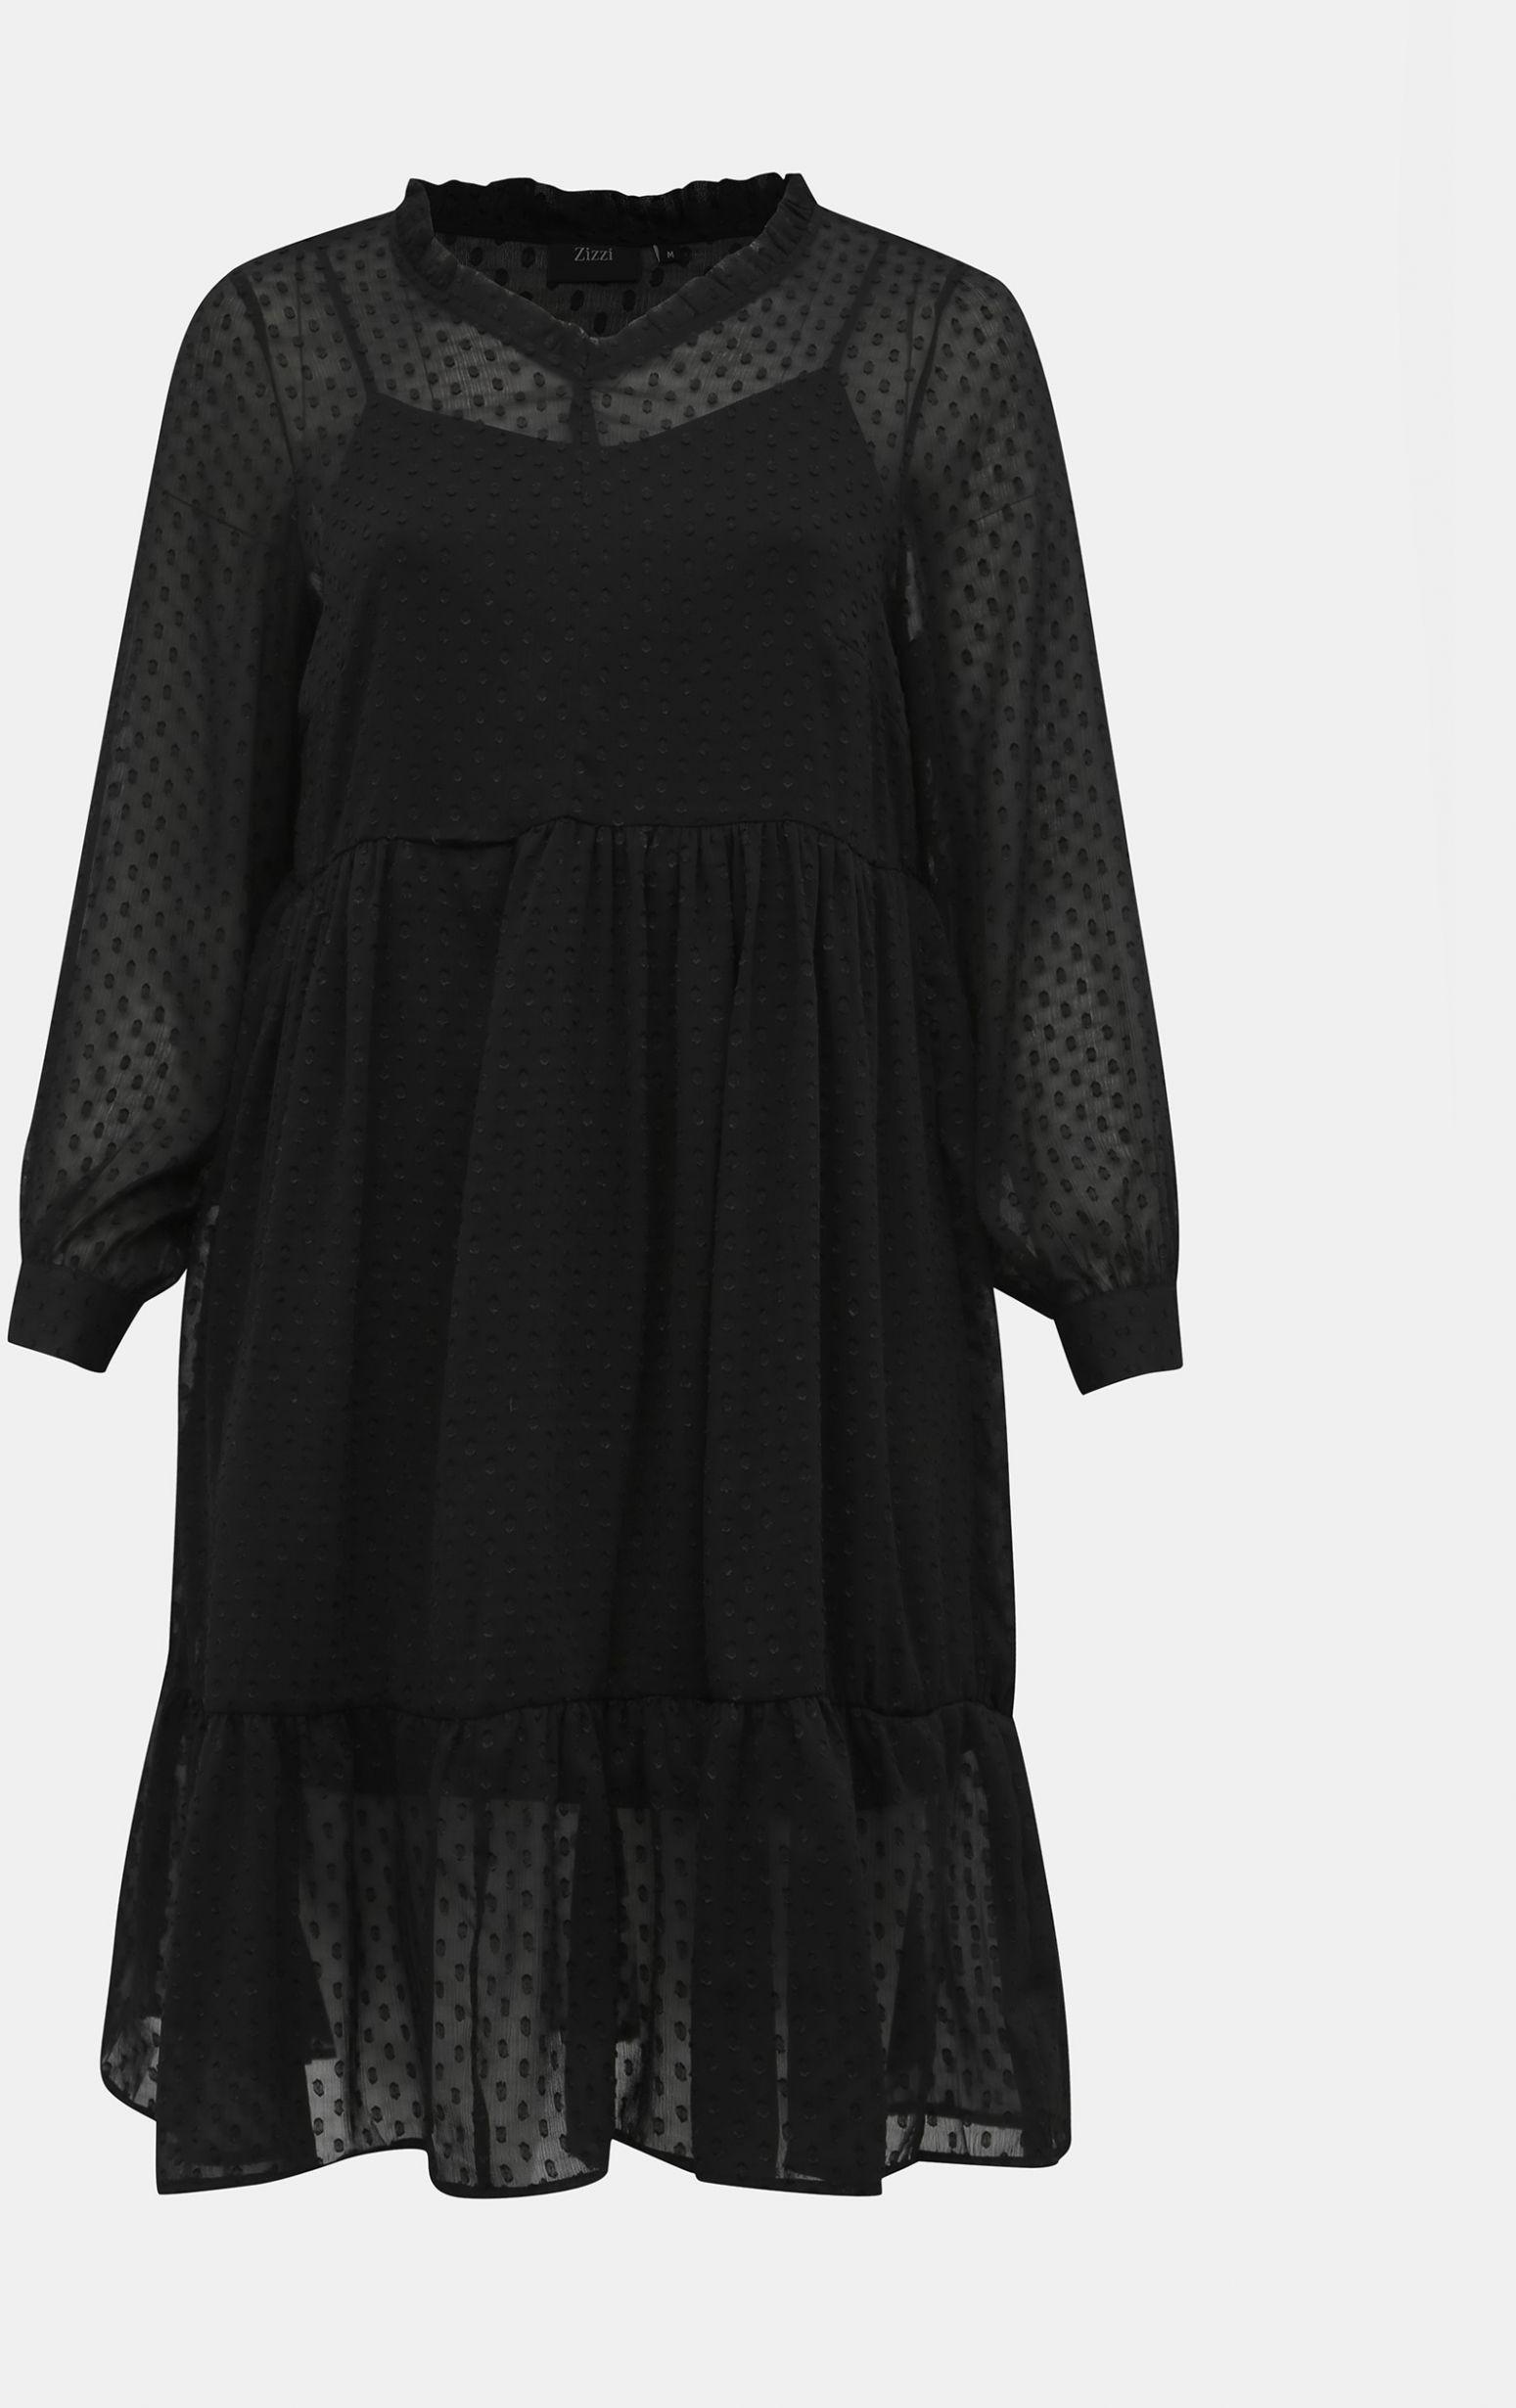 Zizzi czarny sukienka na długi rękaw - XL-XXL Z_7100024669016